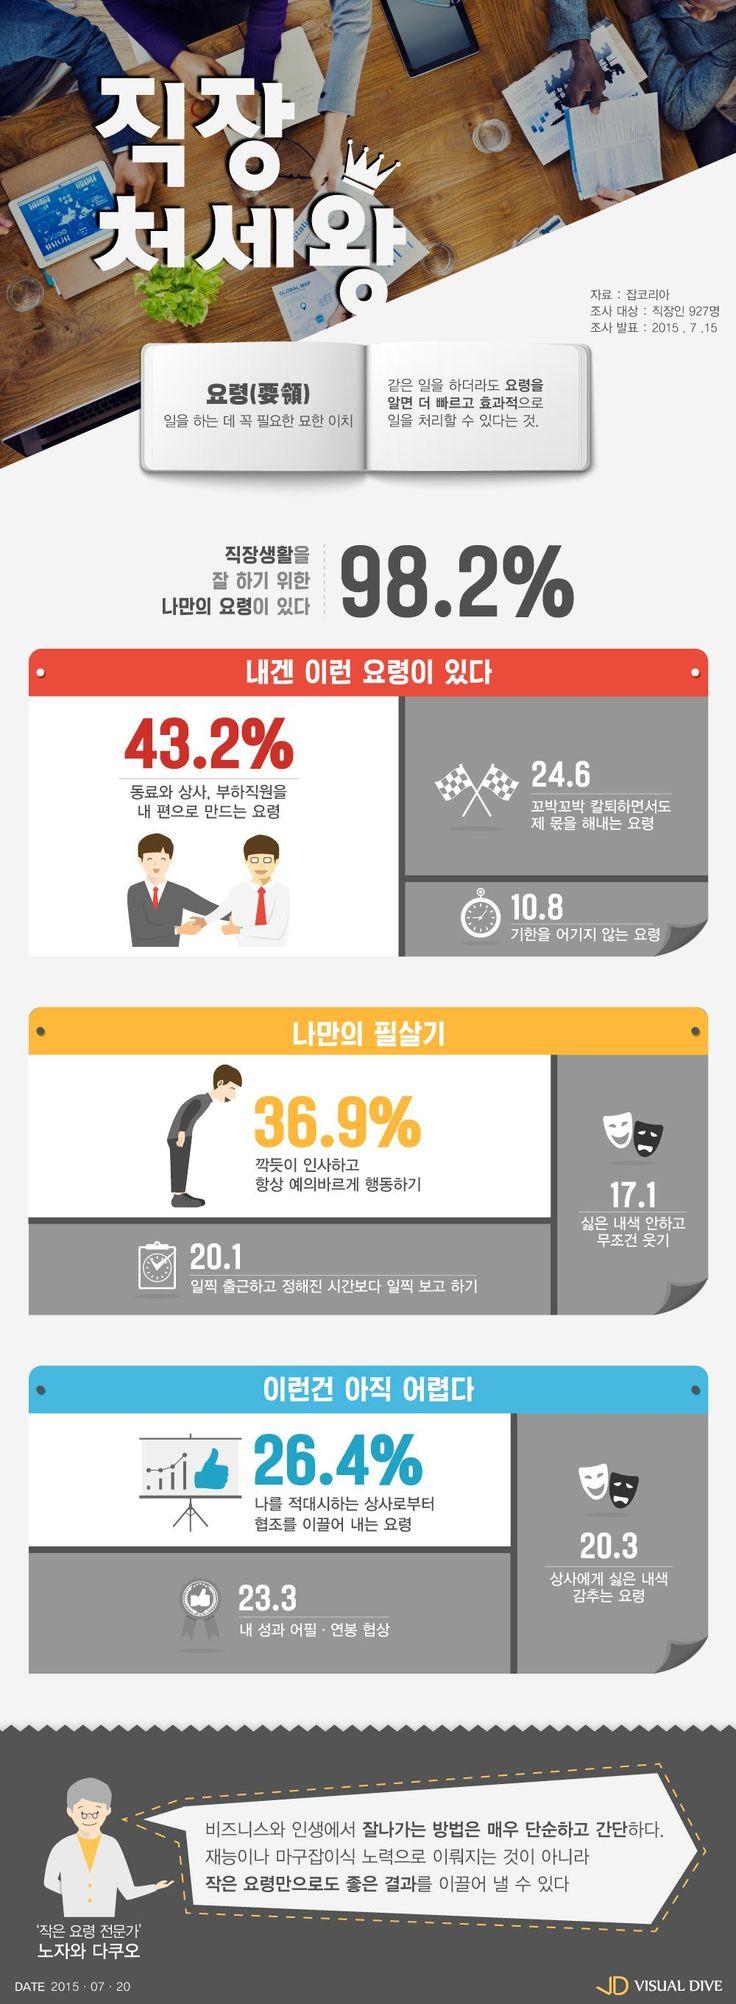 """직장인 98% """"나만의 일하는 요령 있다"""" [인포그래픽] #knowhow / #Infographic ⓒ 비주얼다이브 무단 복사·전재·재배포 금지"""